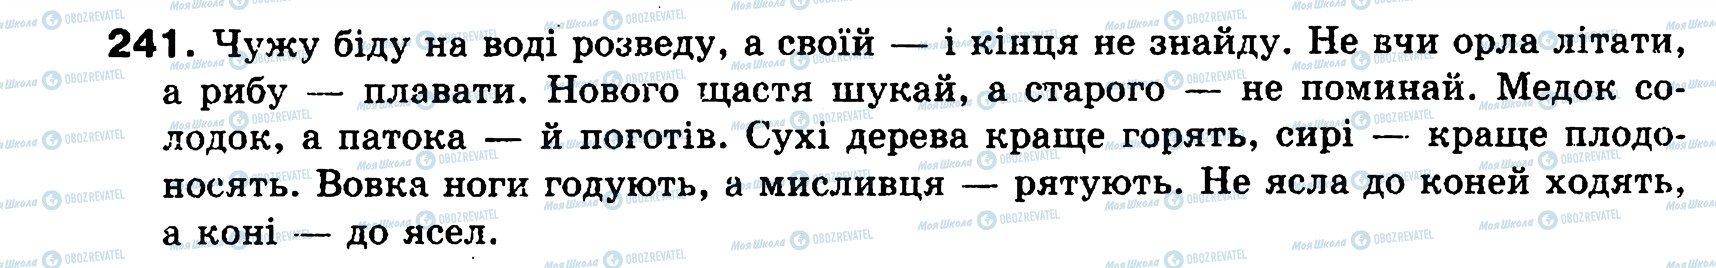 ГДЗ Українська мова 8 клас сторінка 241